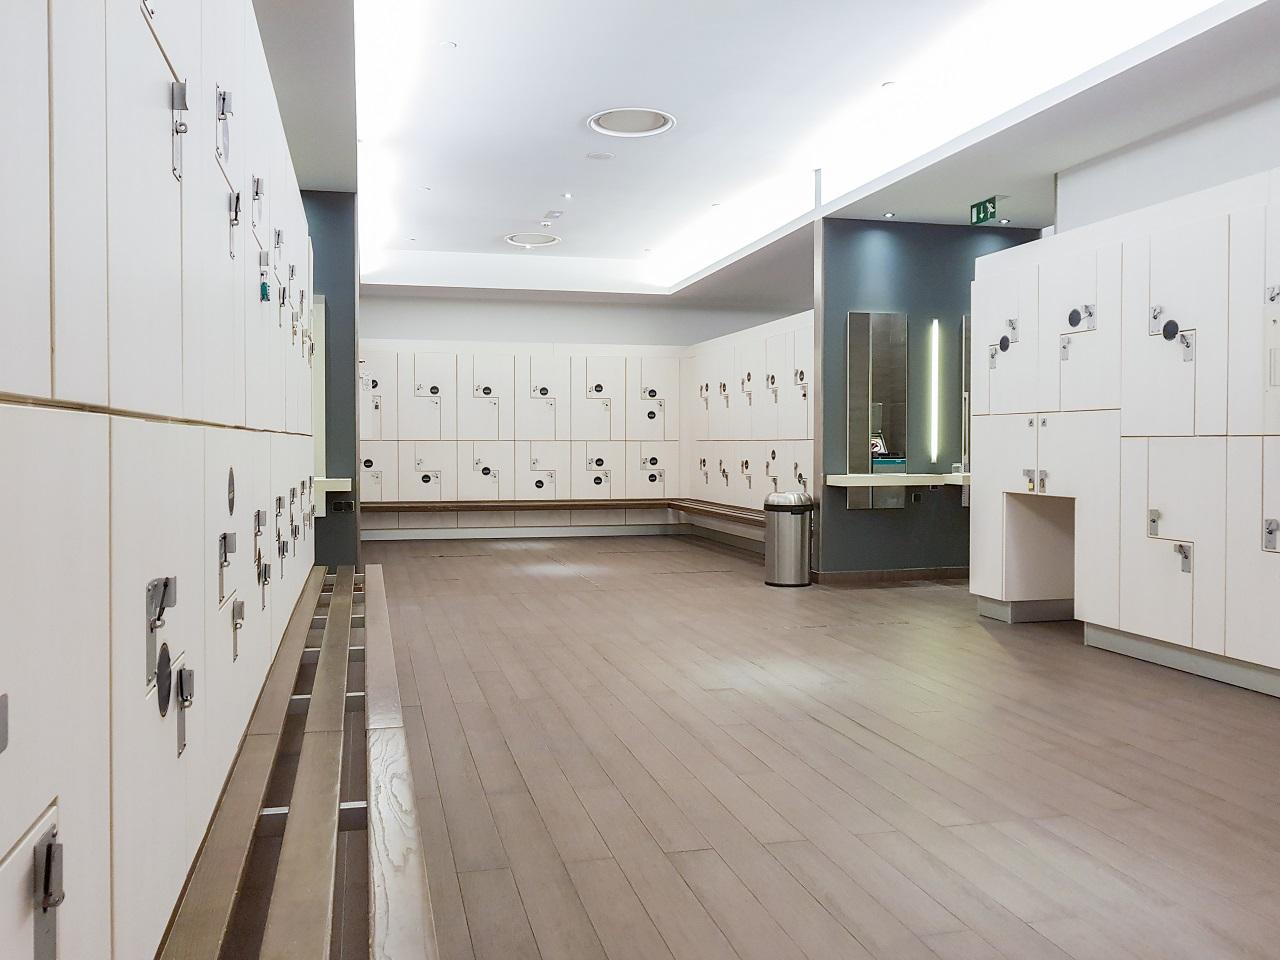 szafki basenowe na kluczyk czy zamek elektryczny